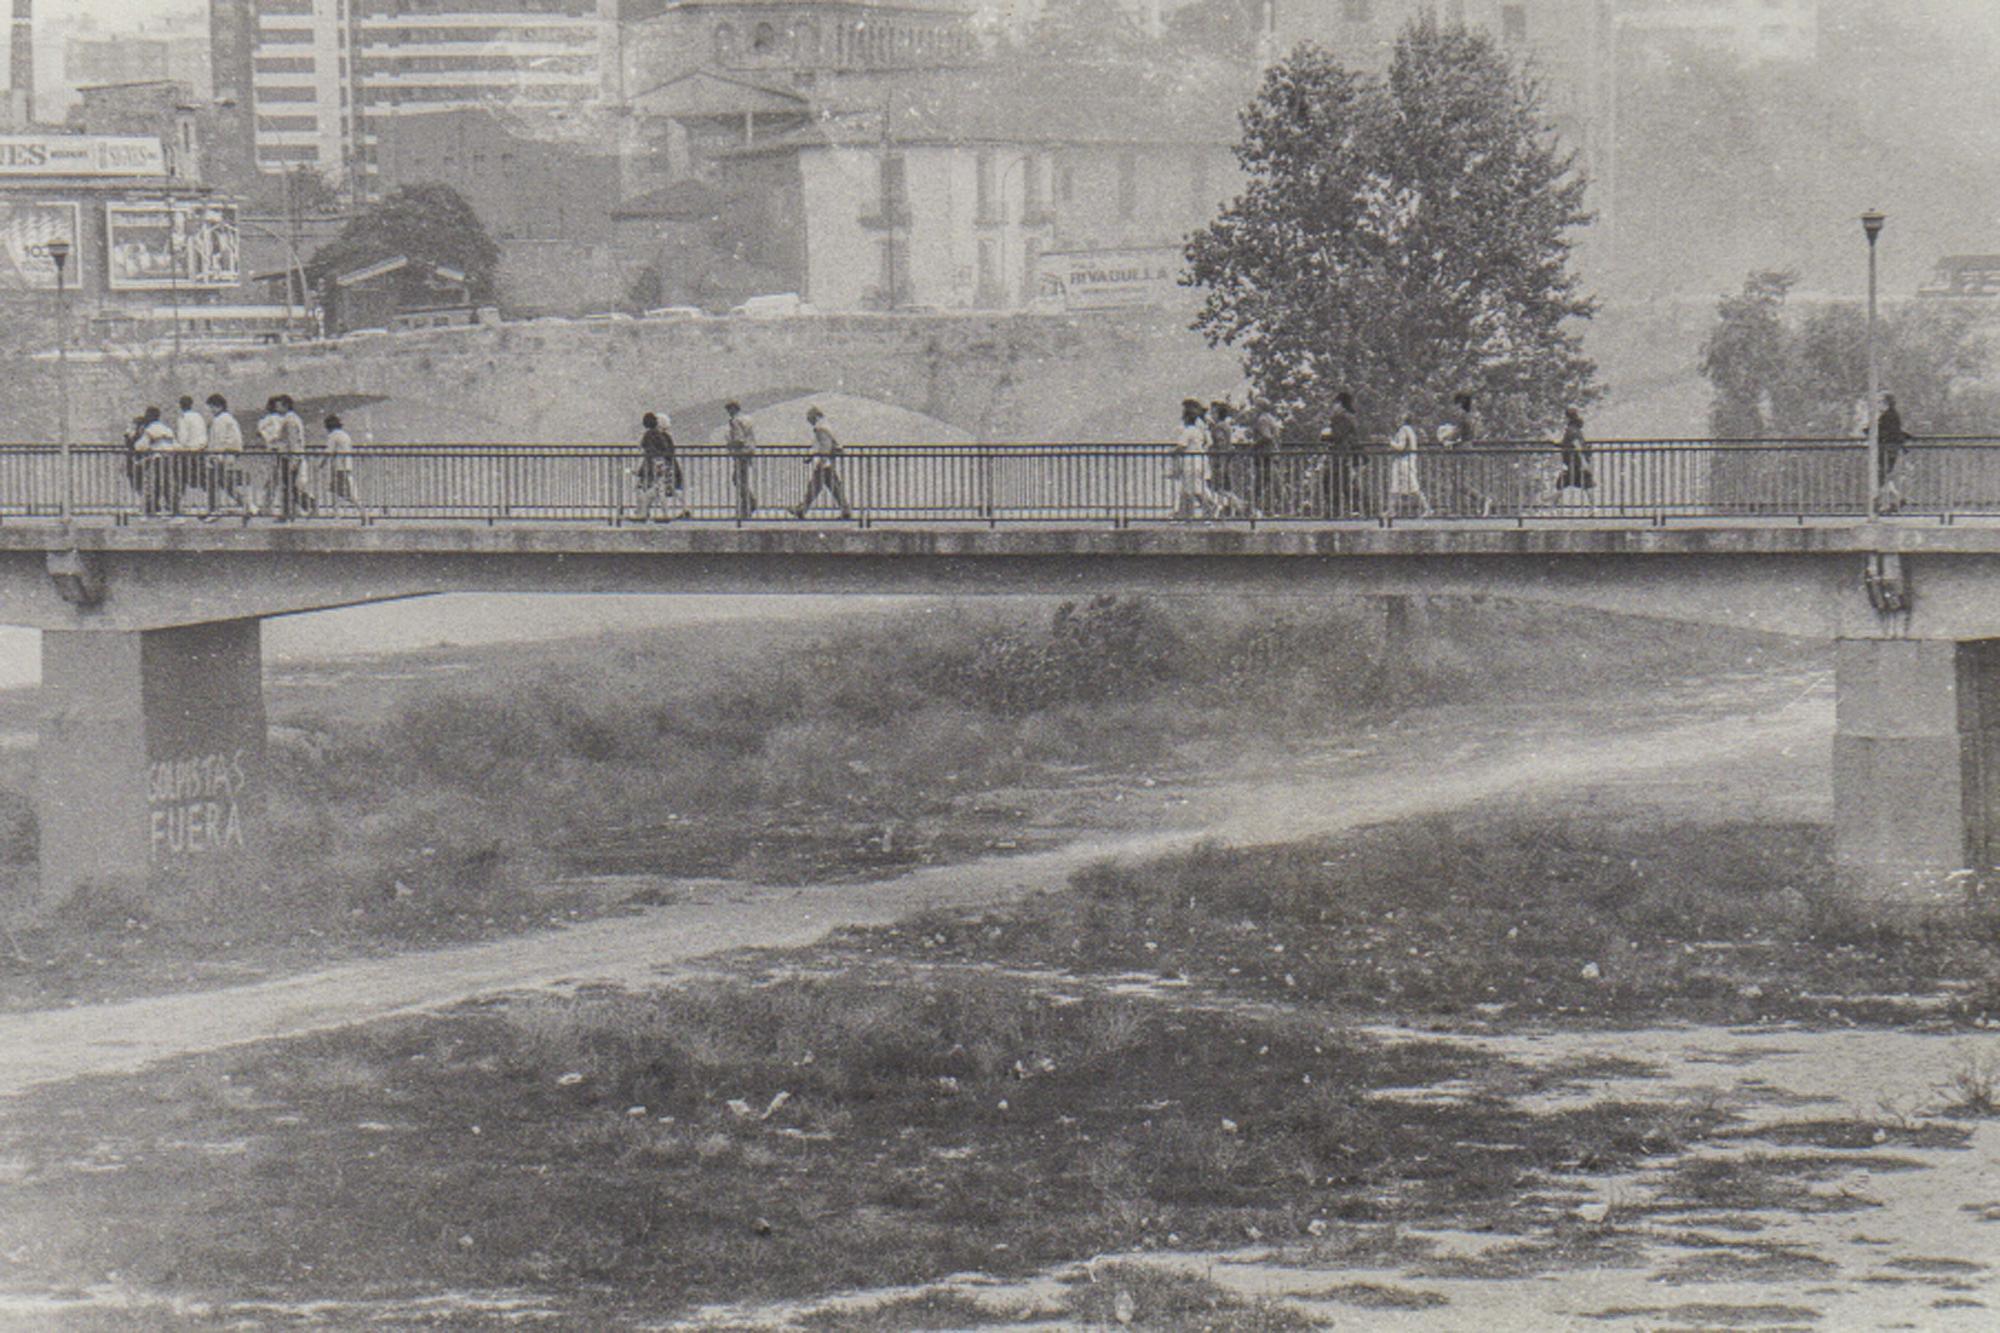 Así era el rio Turia en València antes de convertirse en un jardín